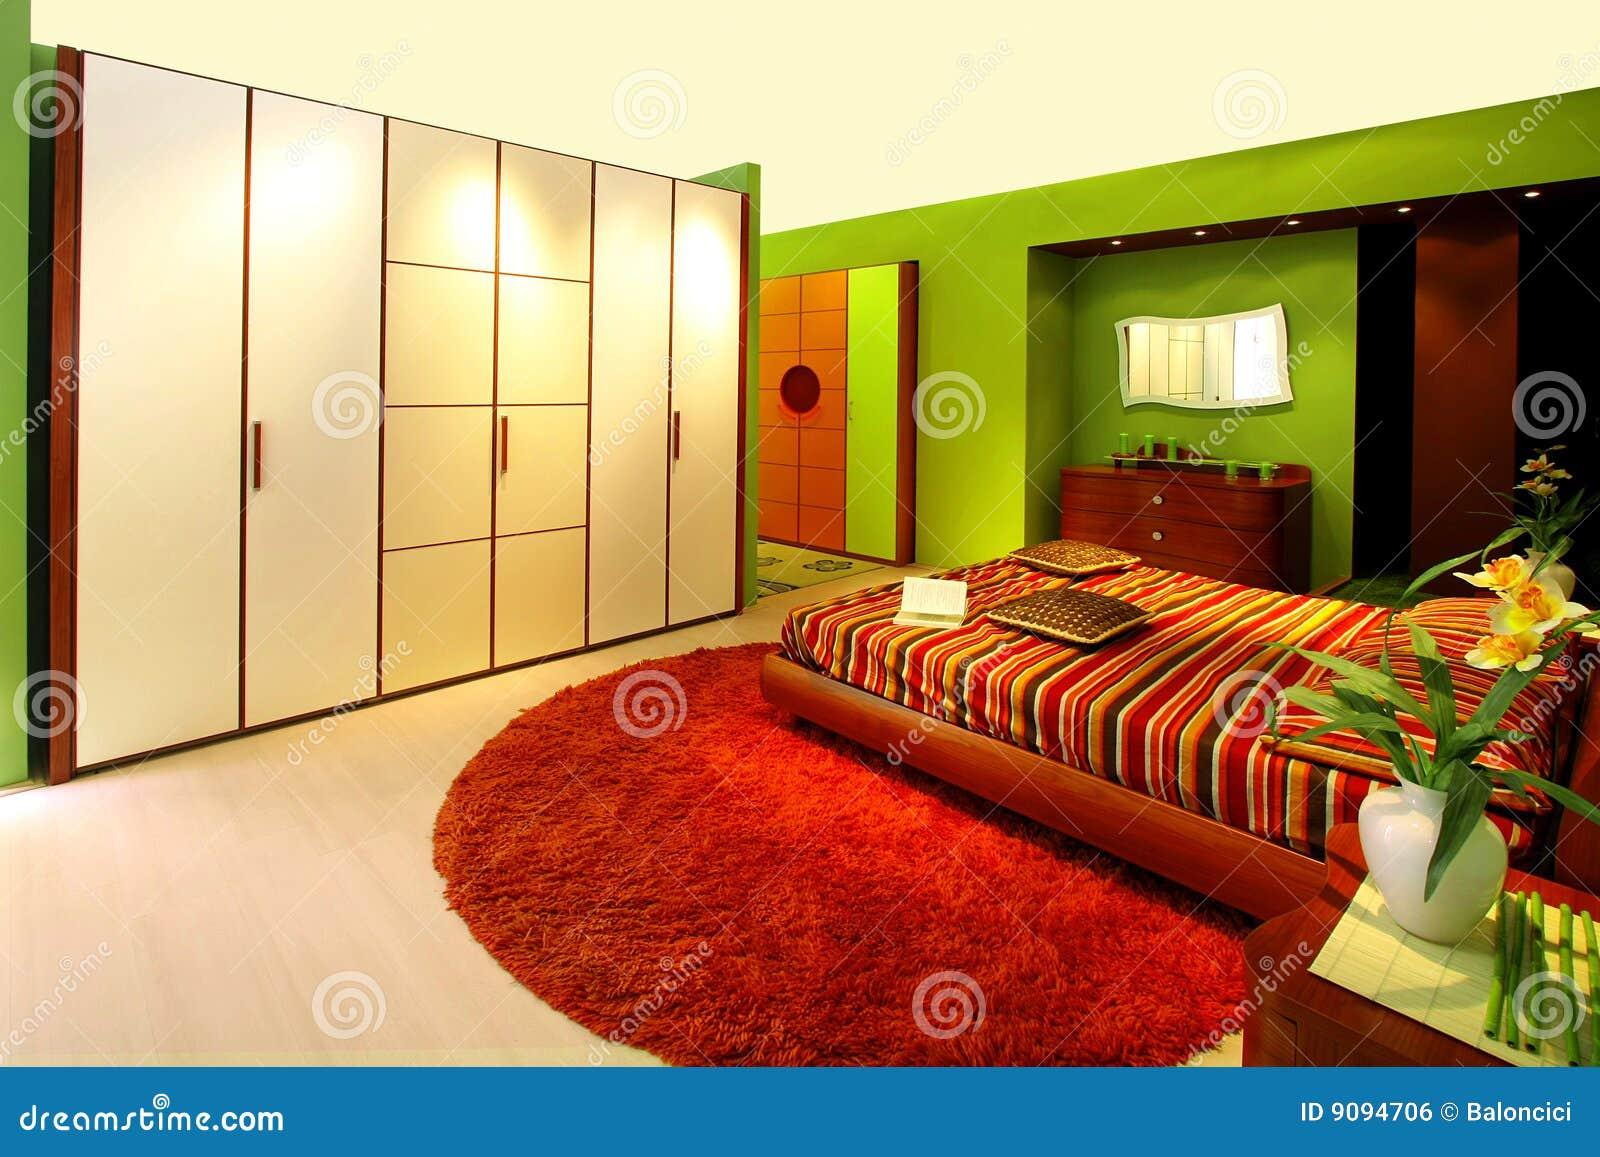 Groene Slaapkamer Royalty-vrije Stock Afbeelding - Afbeelding: 9094706